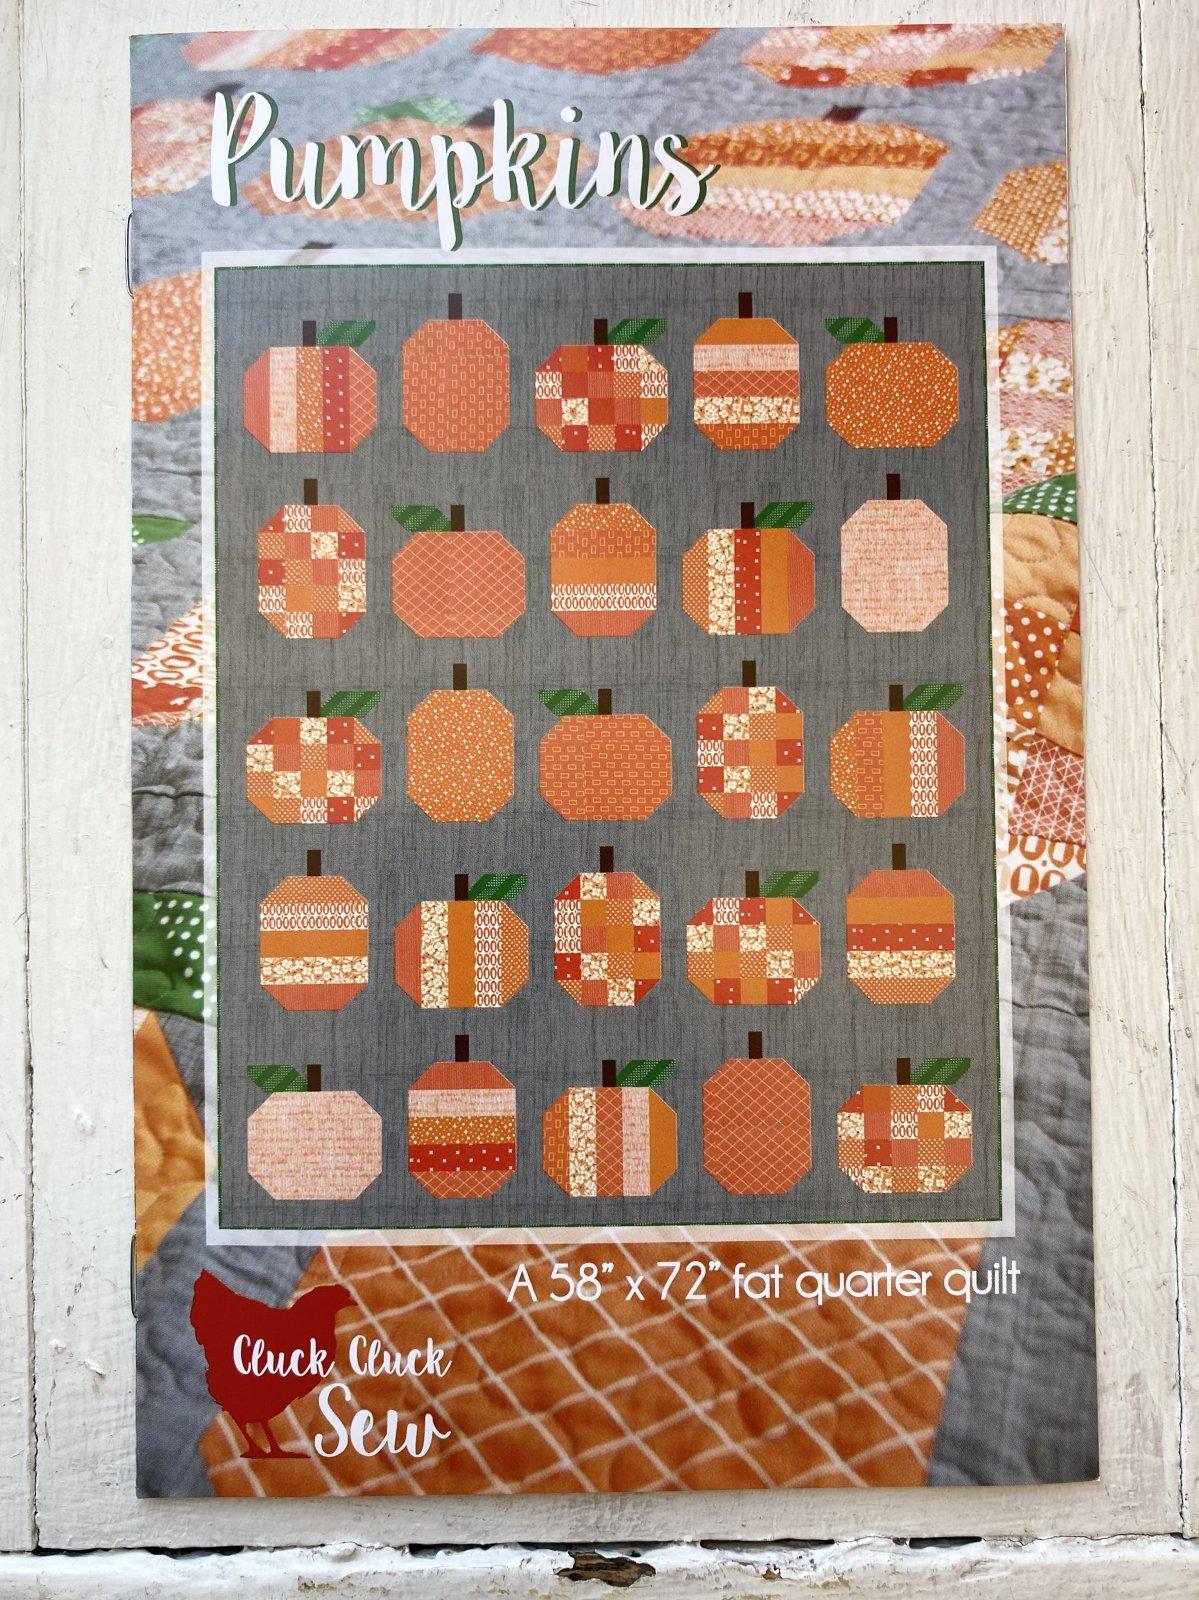 Cluck Cluck Sew: Pumpkins